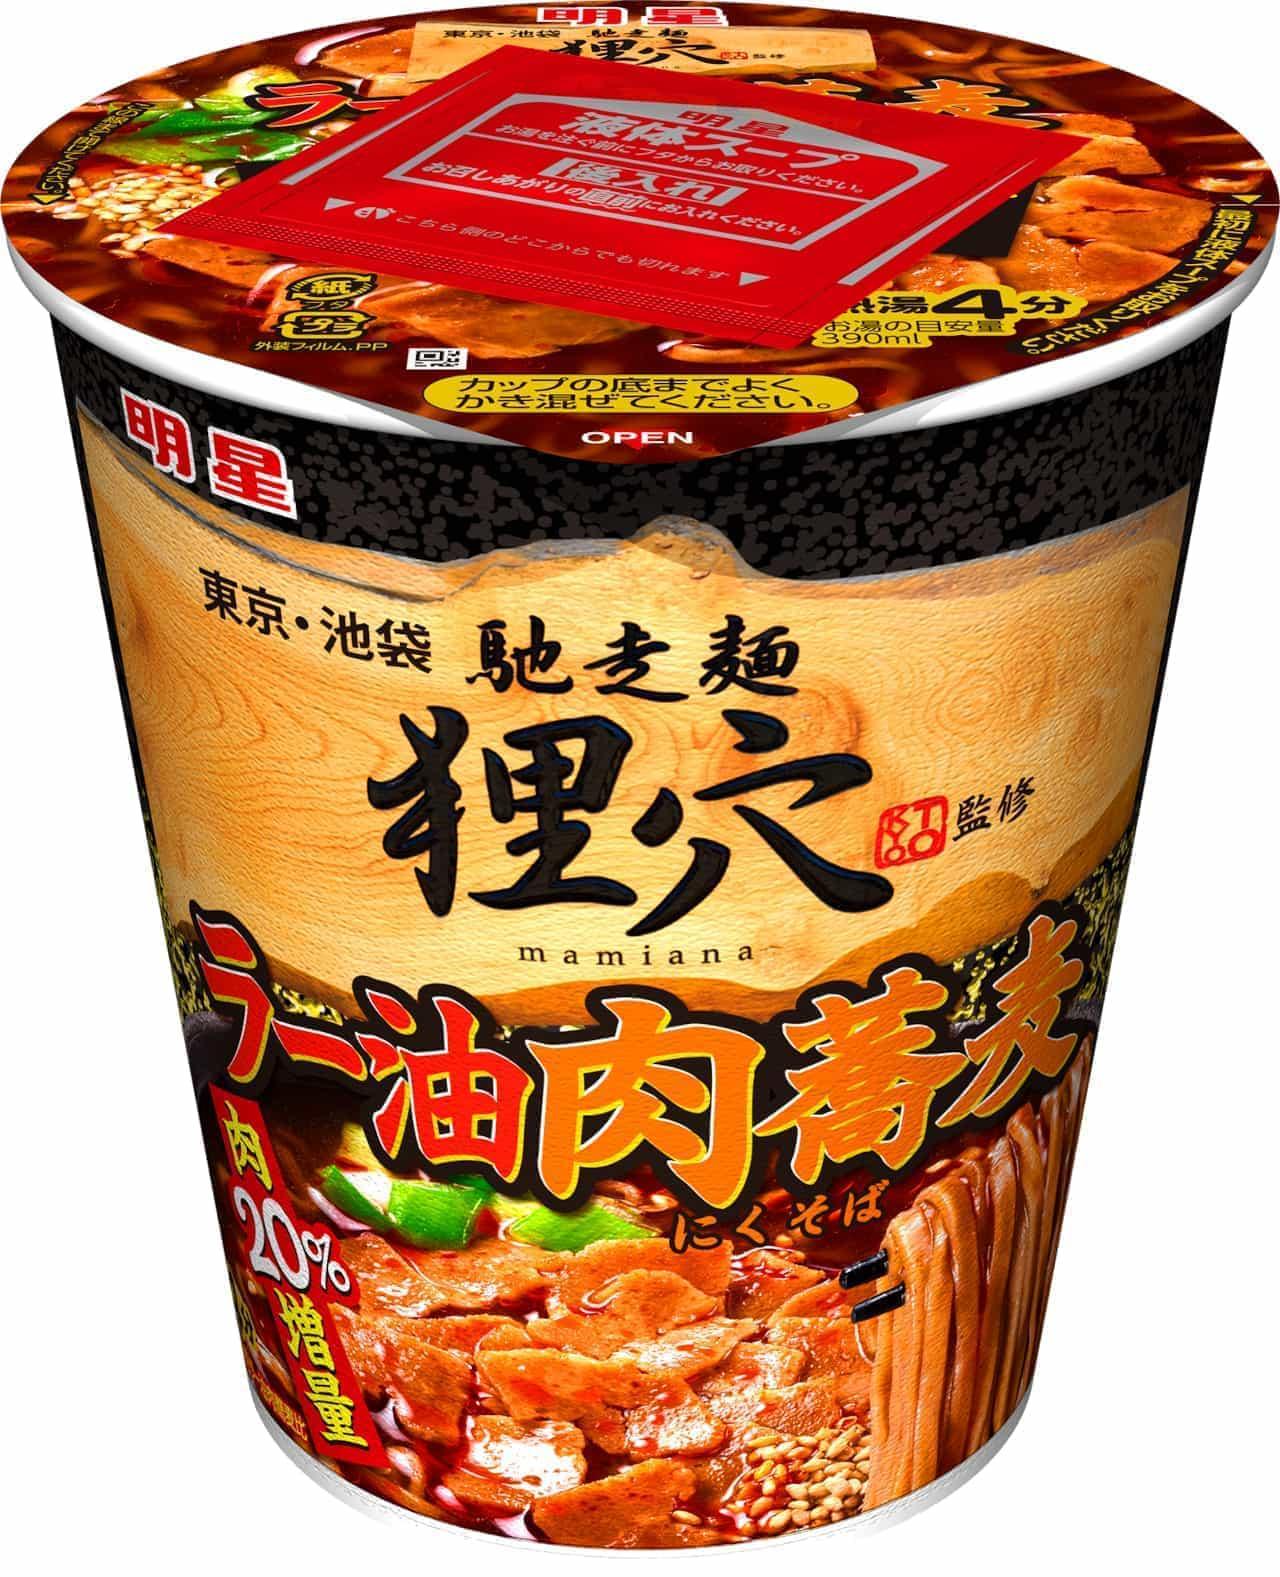 カップ麺「明星 馳走麺 狸穴監修 ラー油肉蕎麦」